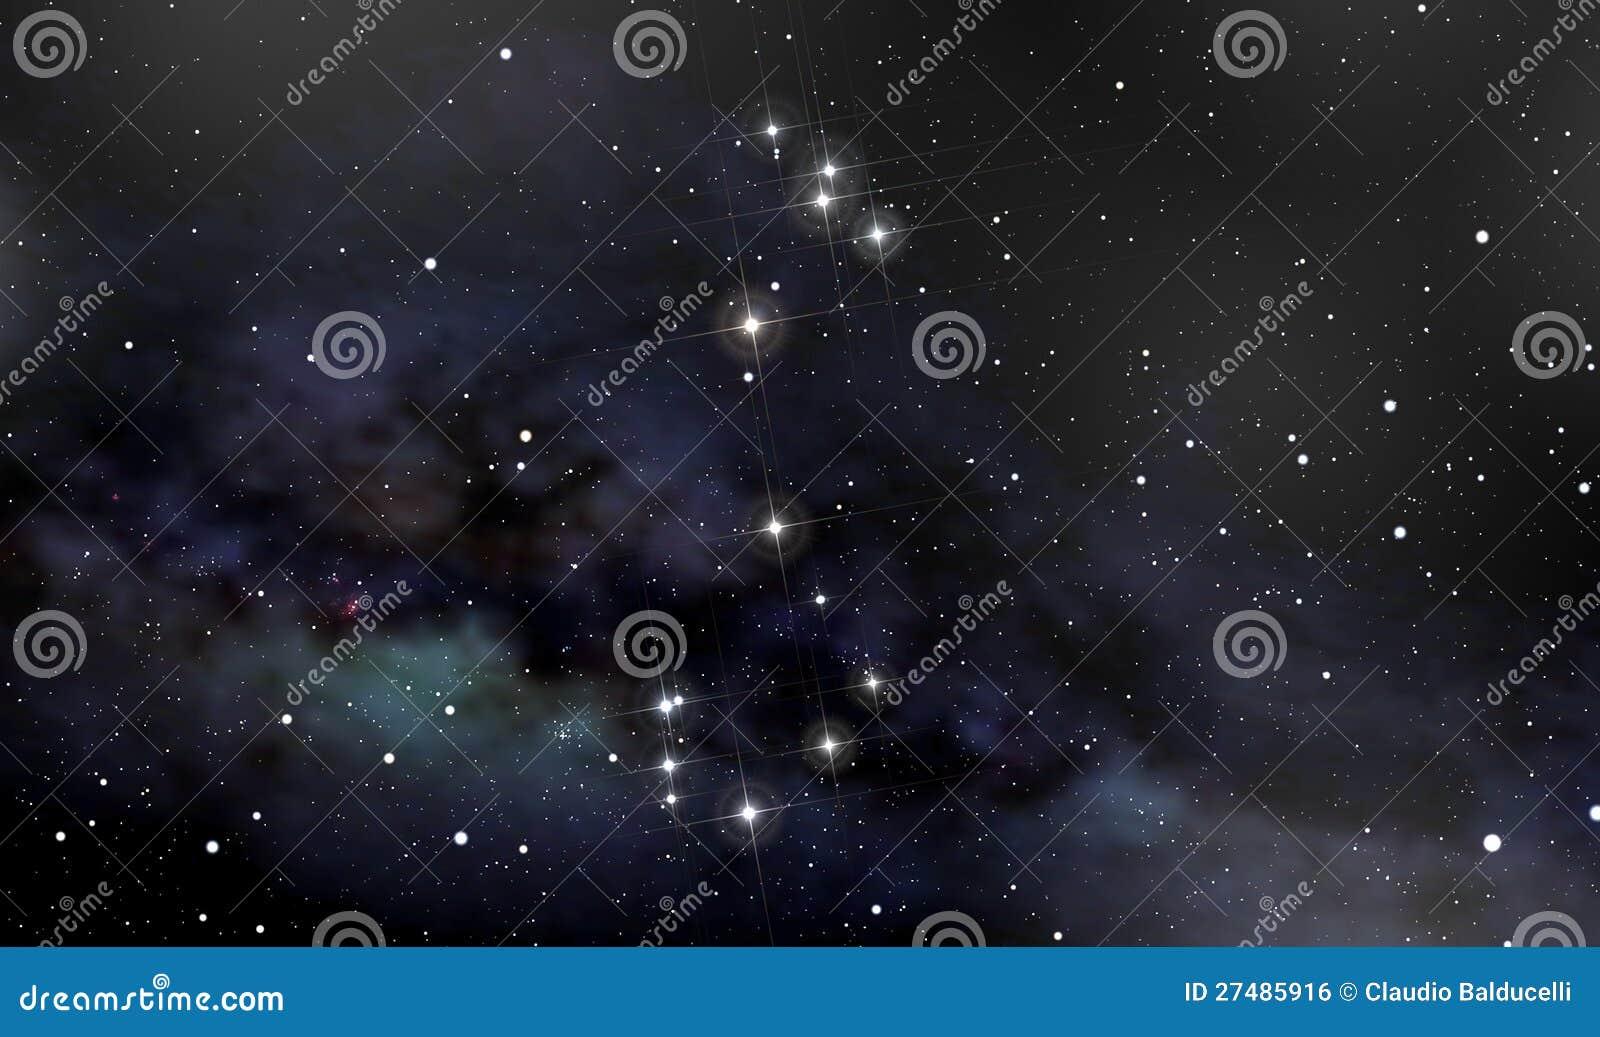 De constellatie van de schorpioen in de nachthemel